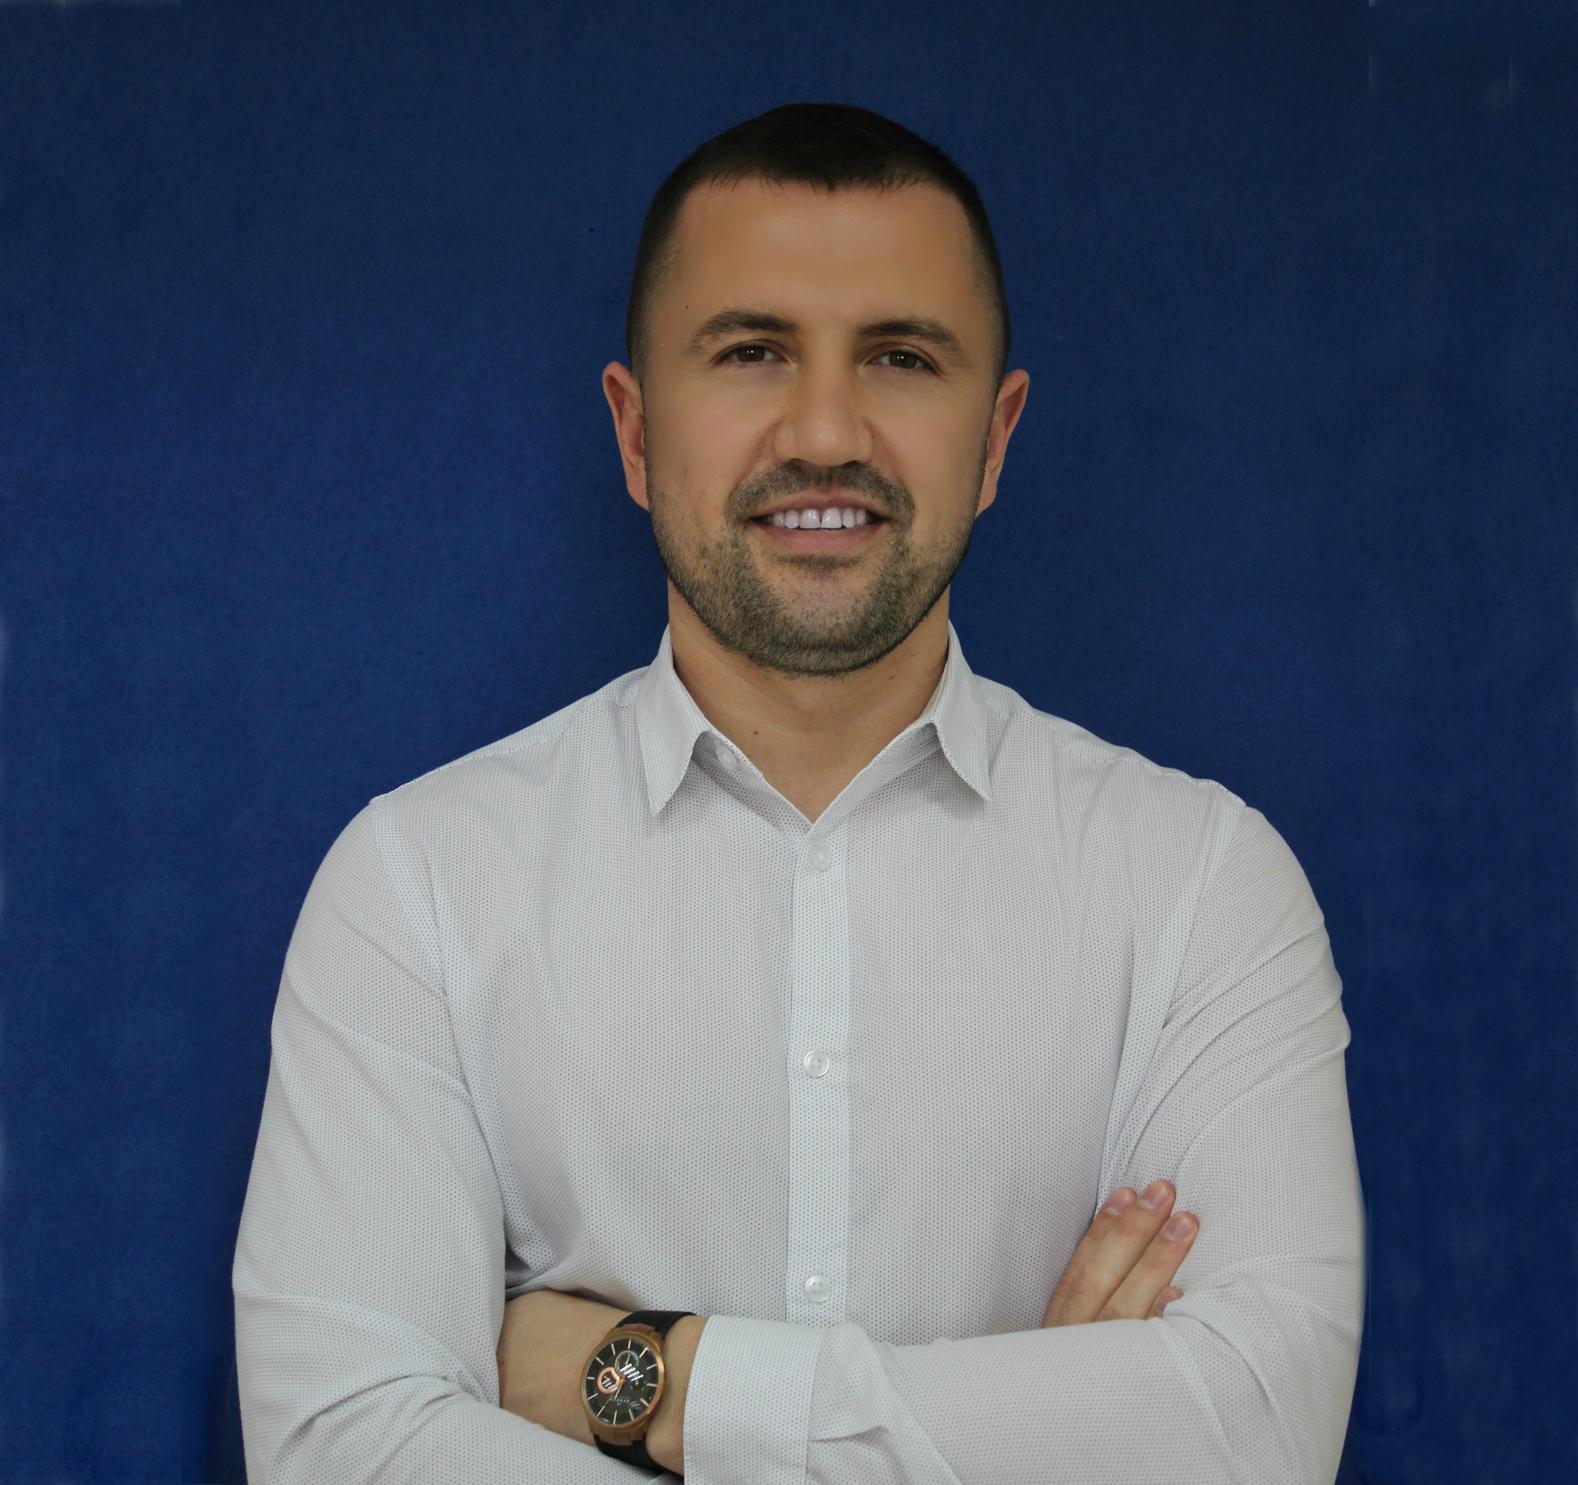 АДРИАН ЦЕНУ